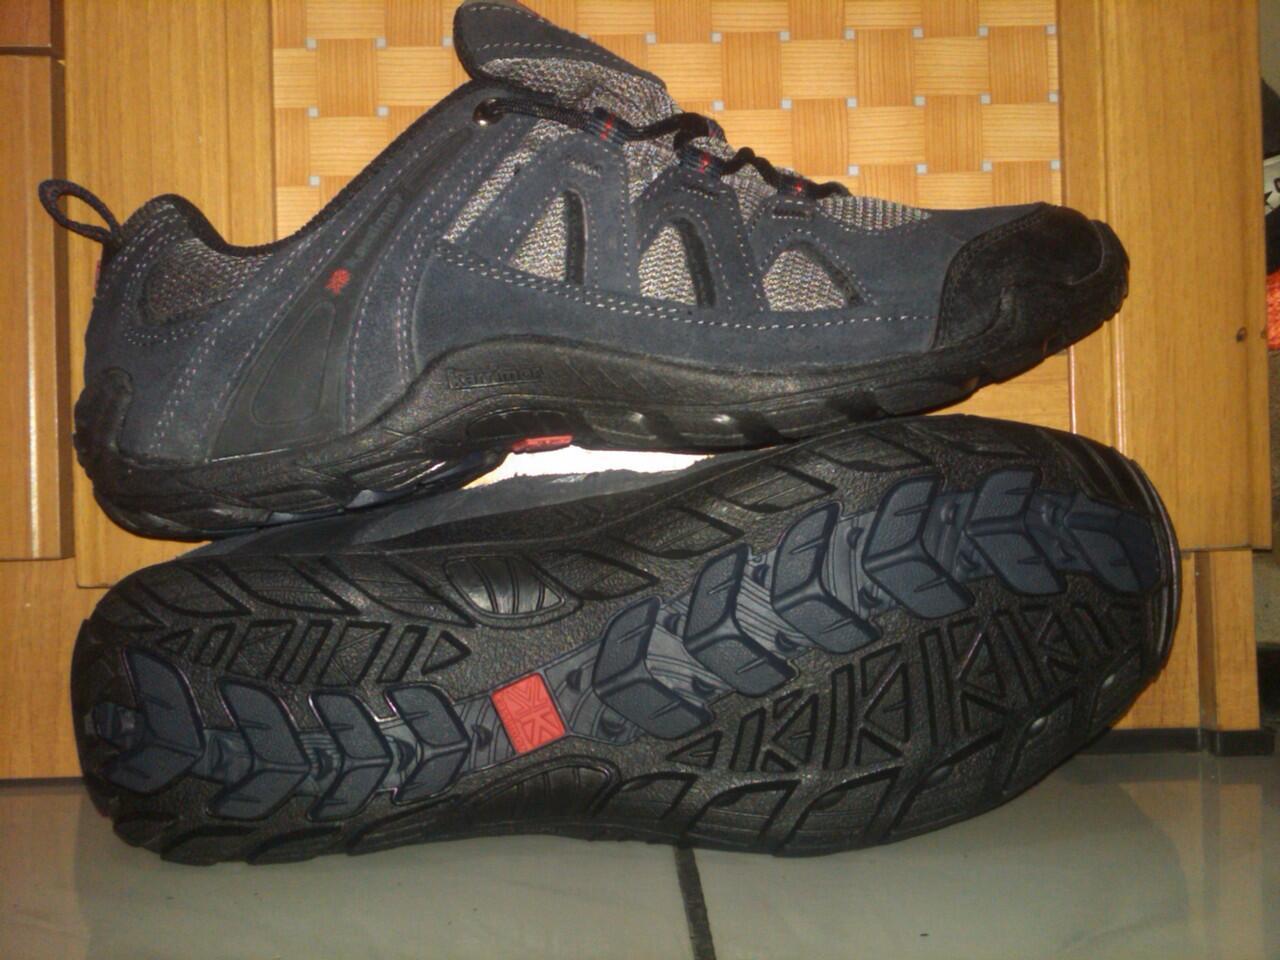 Terjual Sepatu Karrimor Summit Original Bandung Kaskus